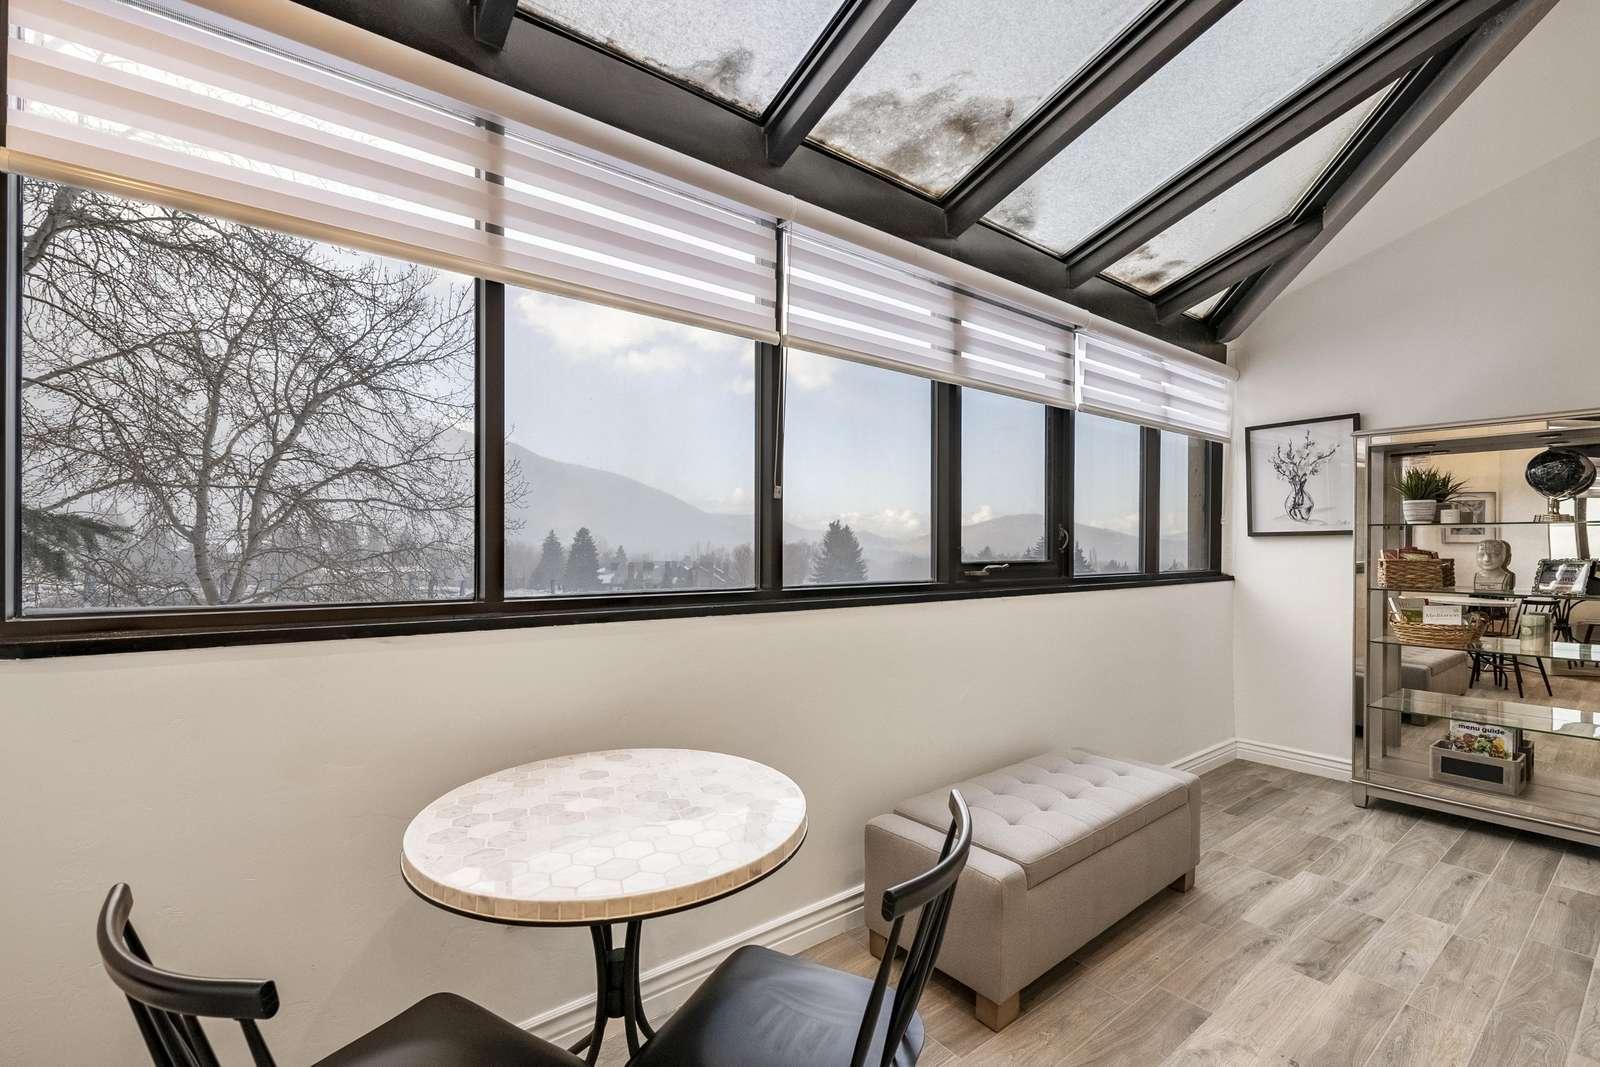 Sitting area under view windows